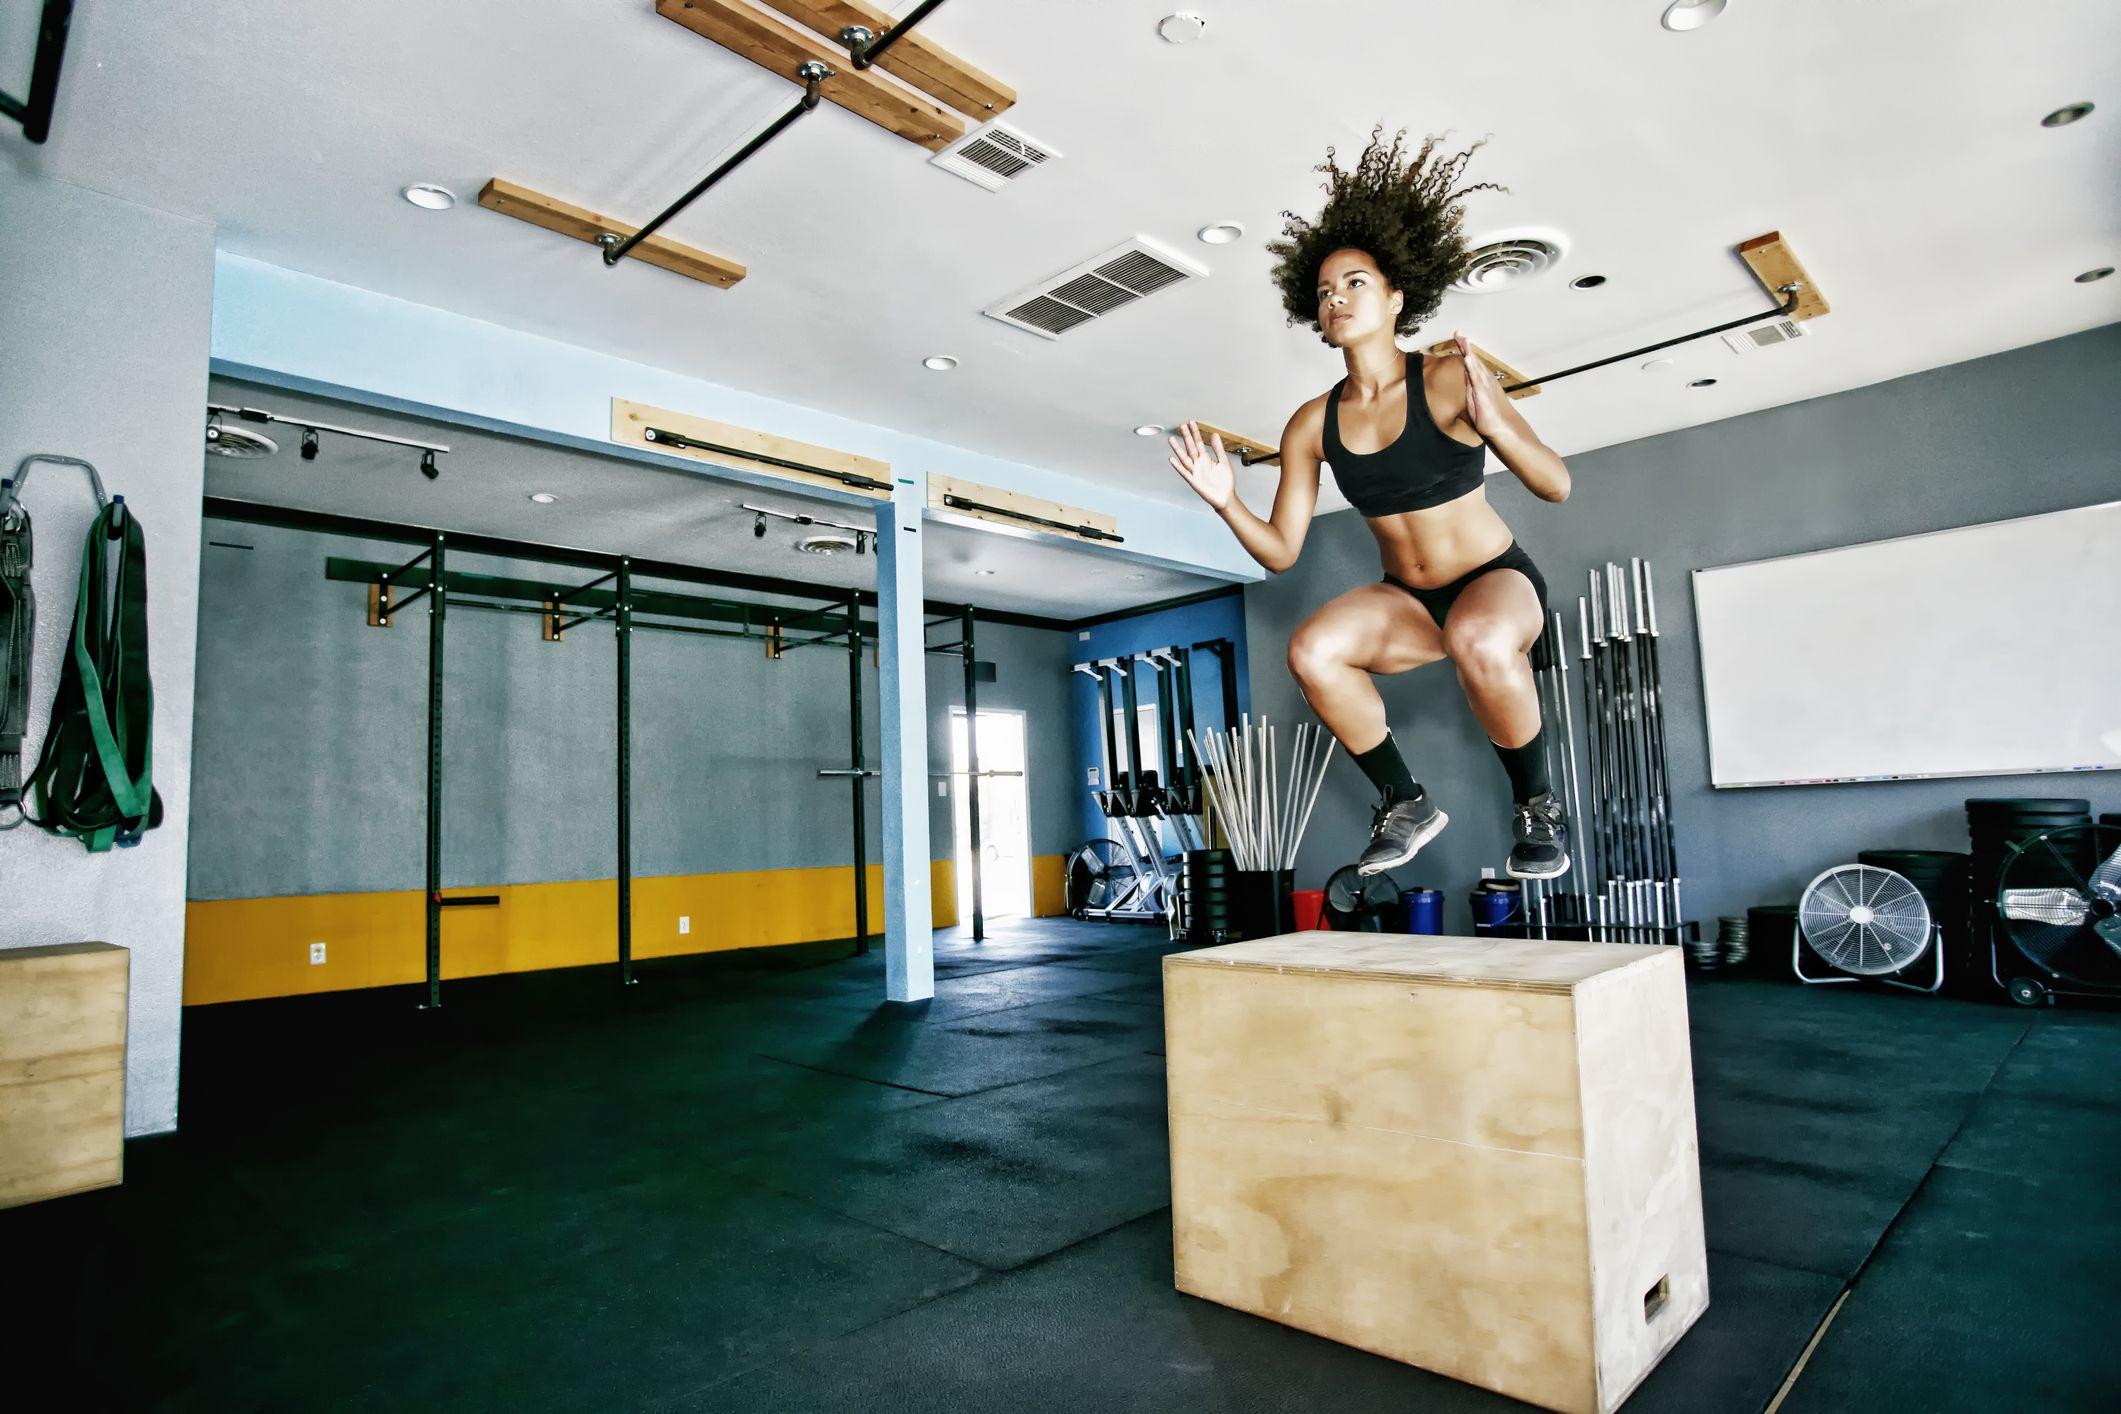 box jump woman at gym